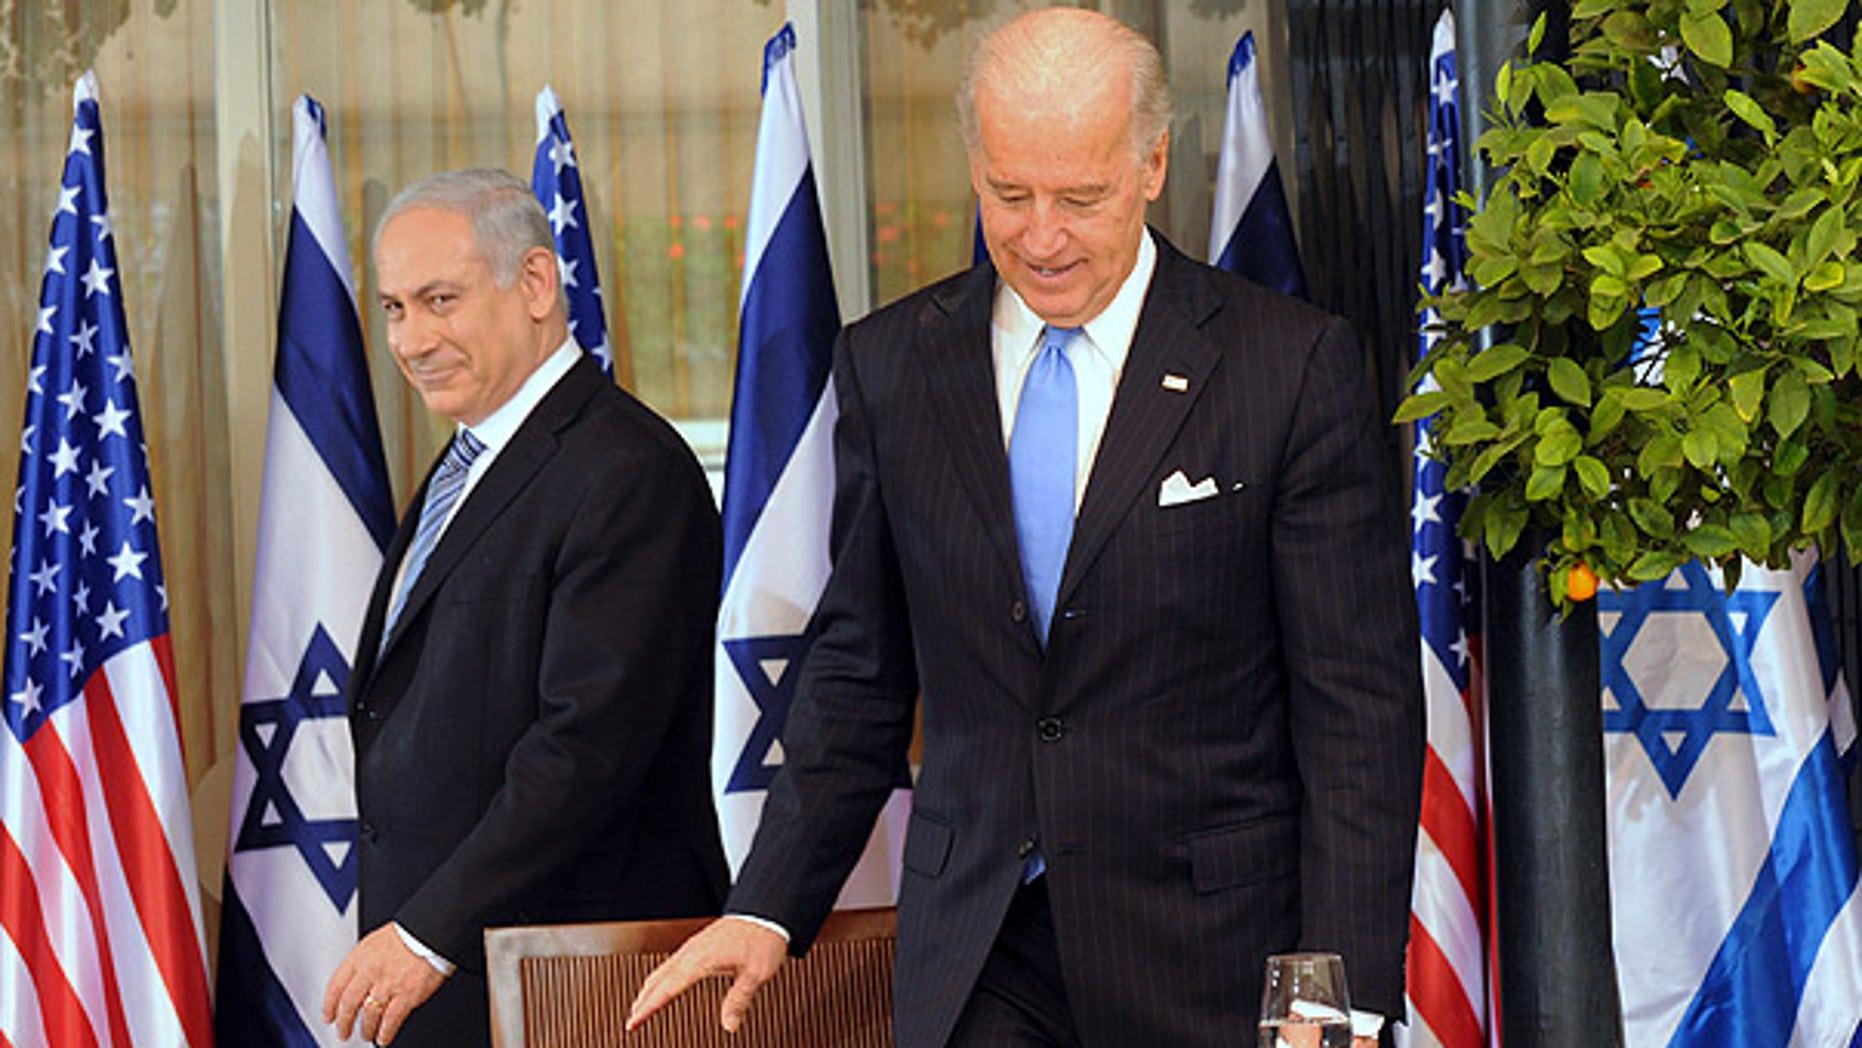 File: Israeli Prime Minister Benjamin Netanyahu and Vice President Joe Biden met in March at the prime minister's residence in Jerusalem.